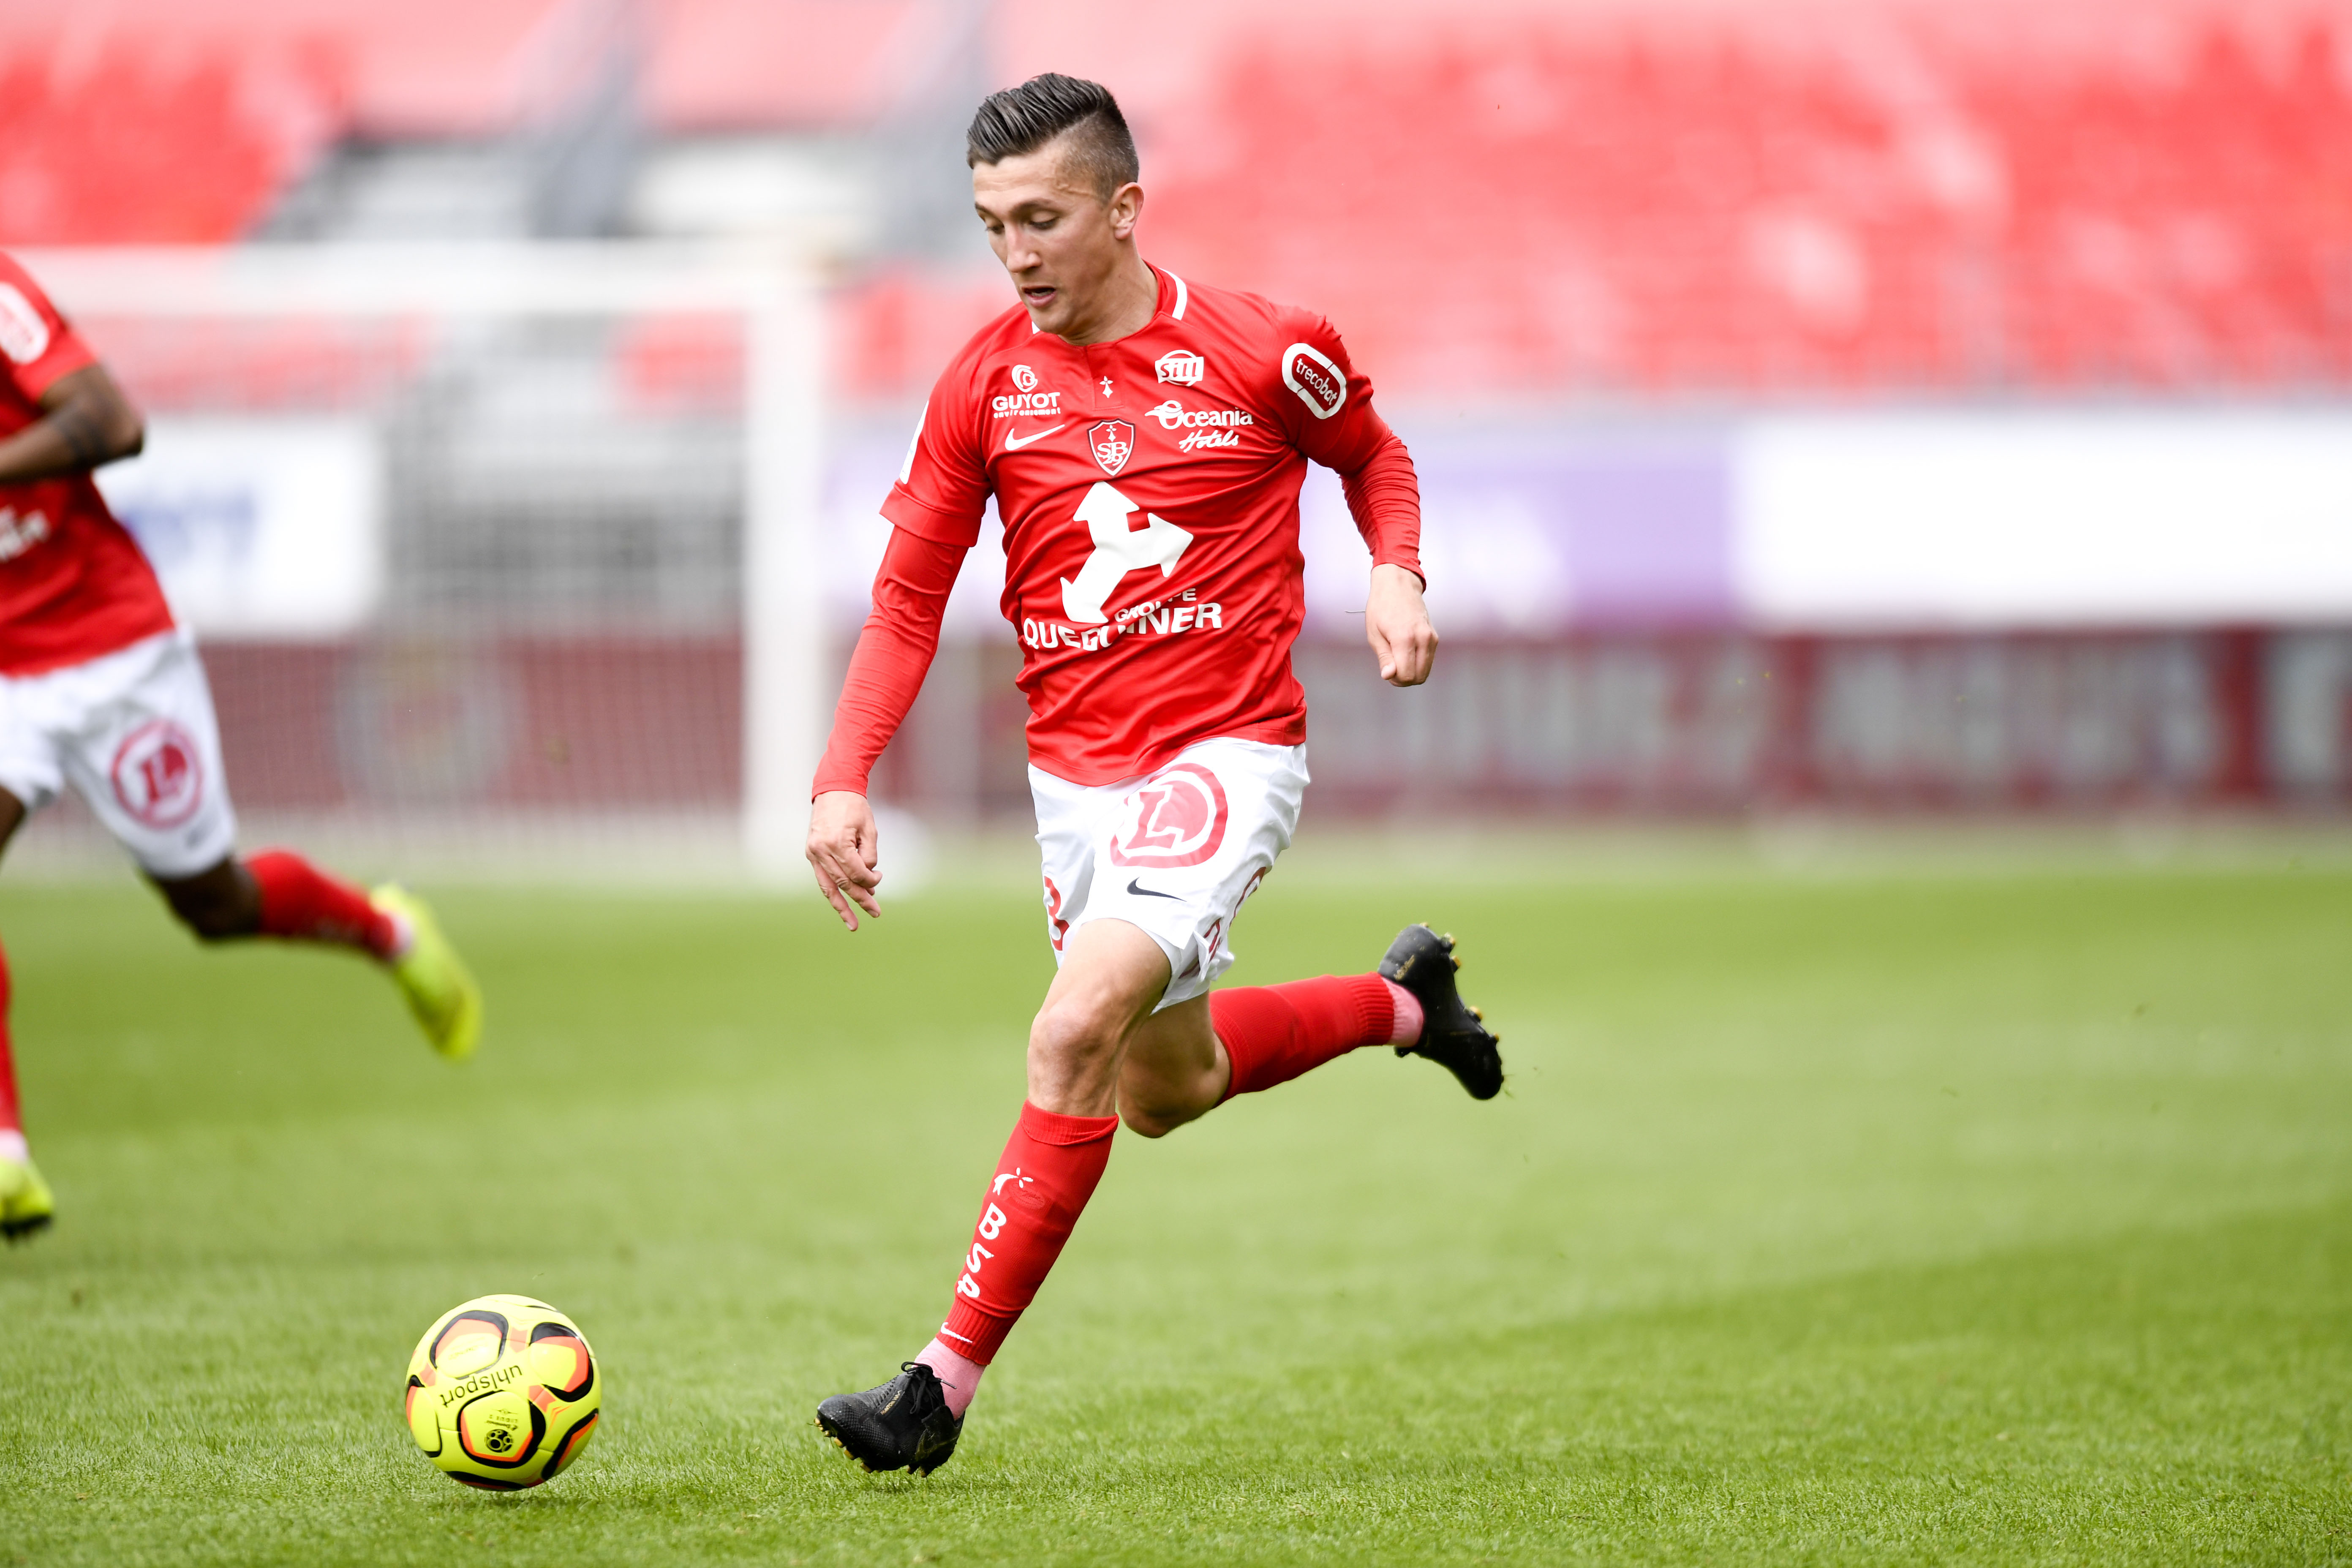 Football - Ligue 2 - Ligue 2 : les scores de la 36e journée en direct